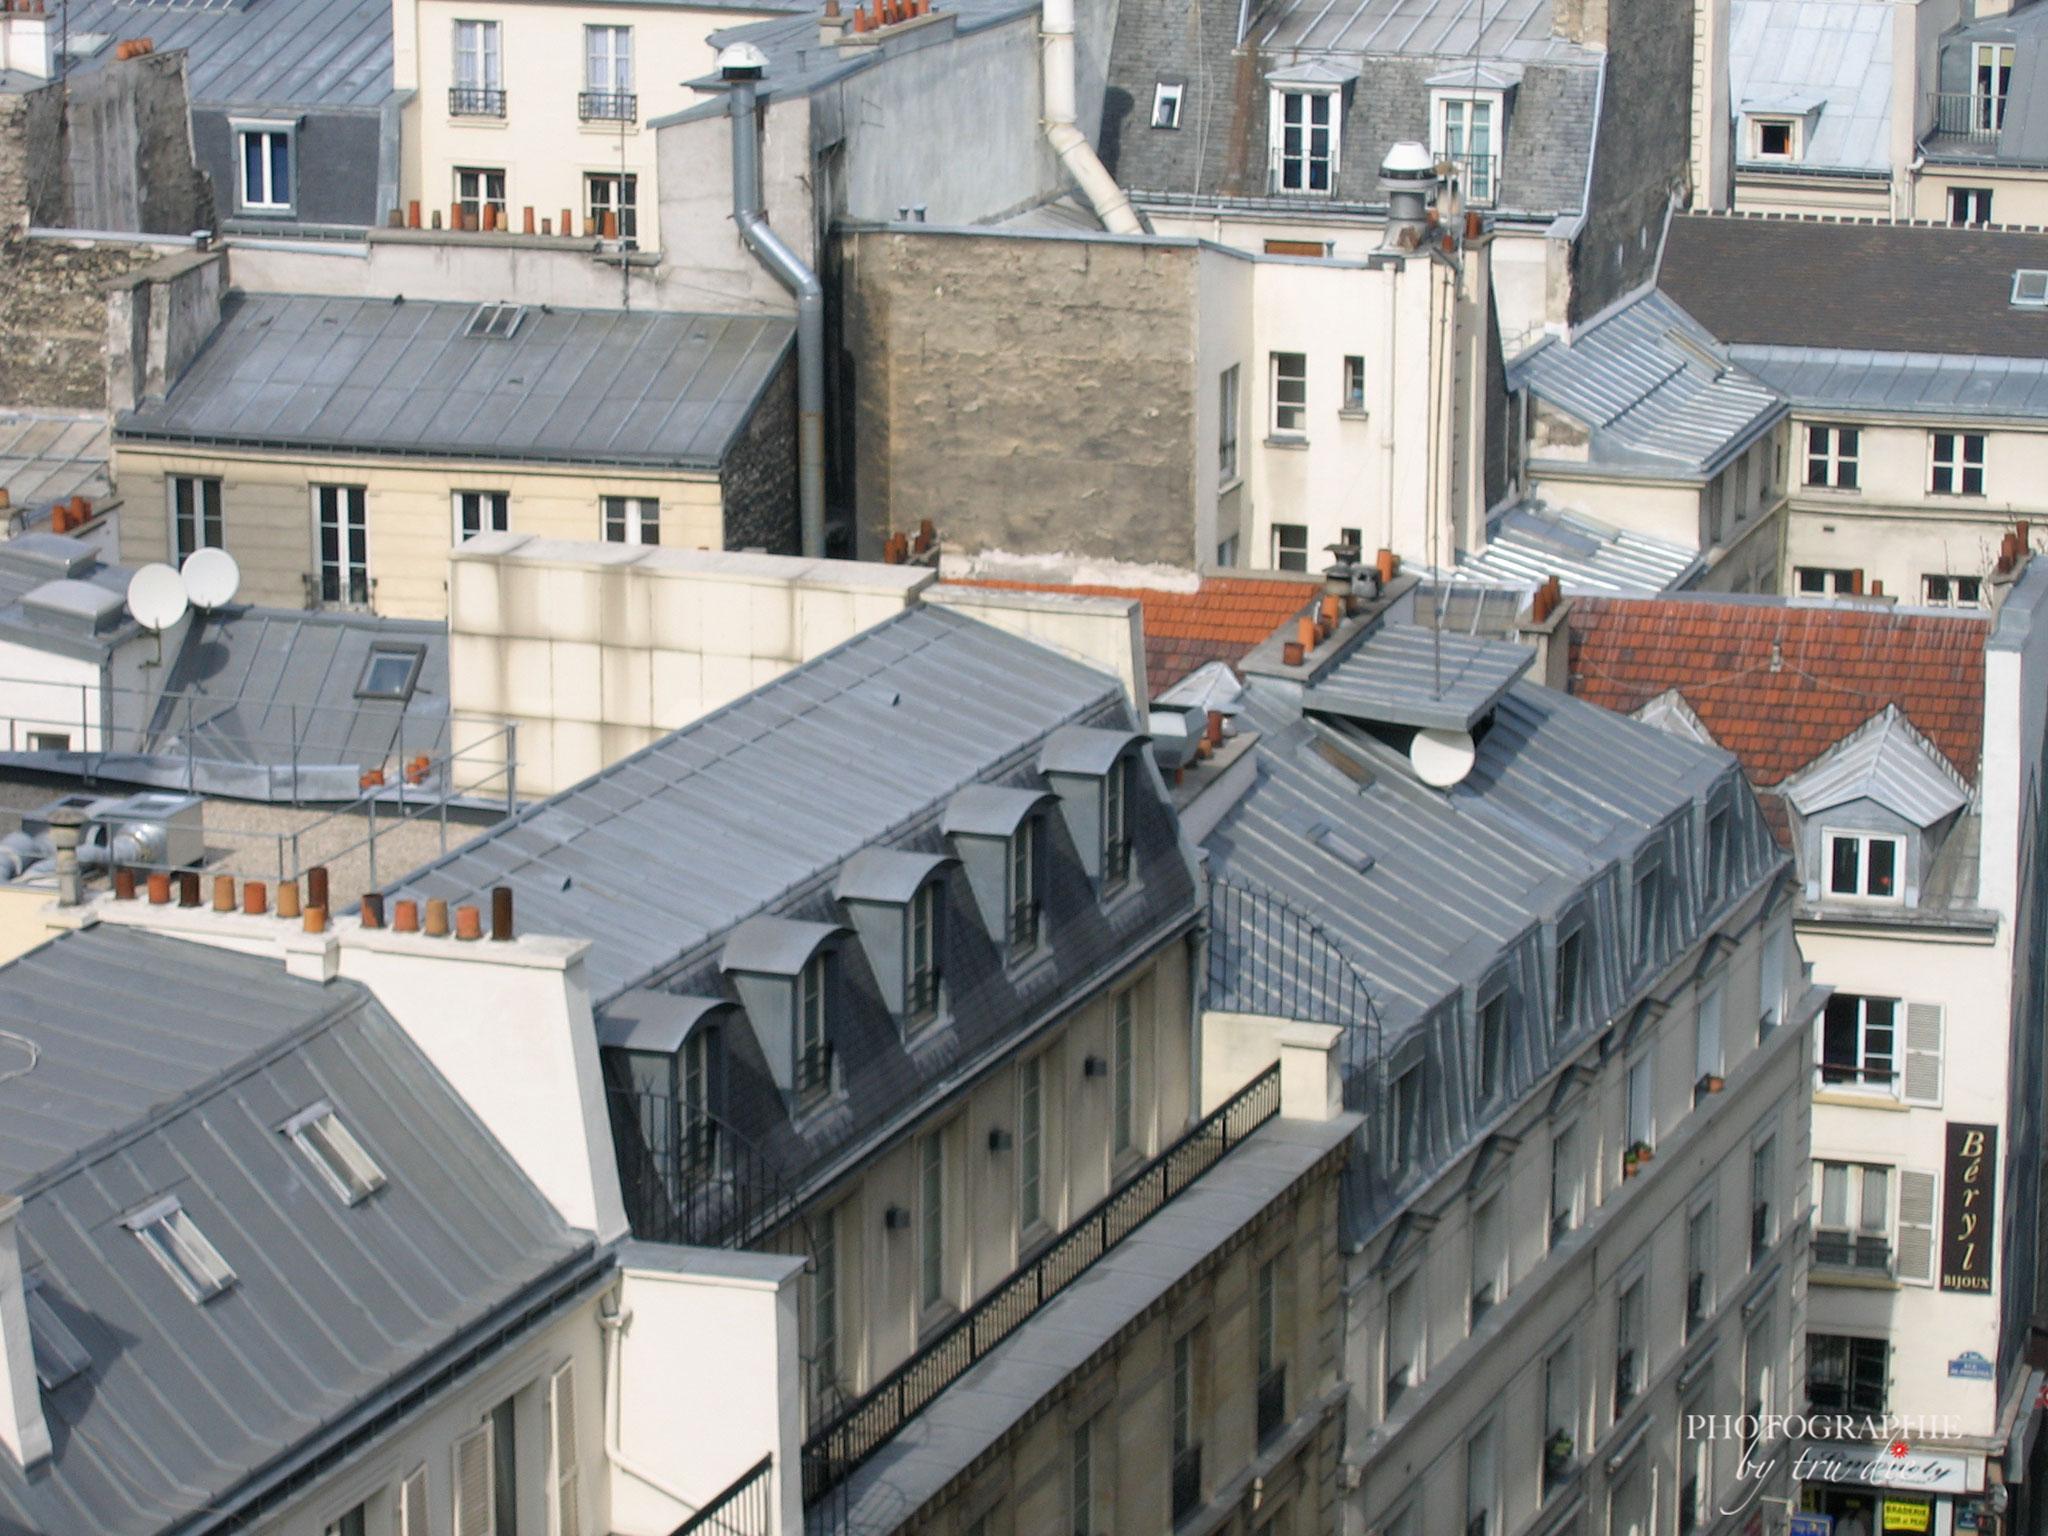 Bild: Aussicht von der Dachterrasse der Galeries Lafayette, Paris